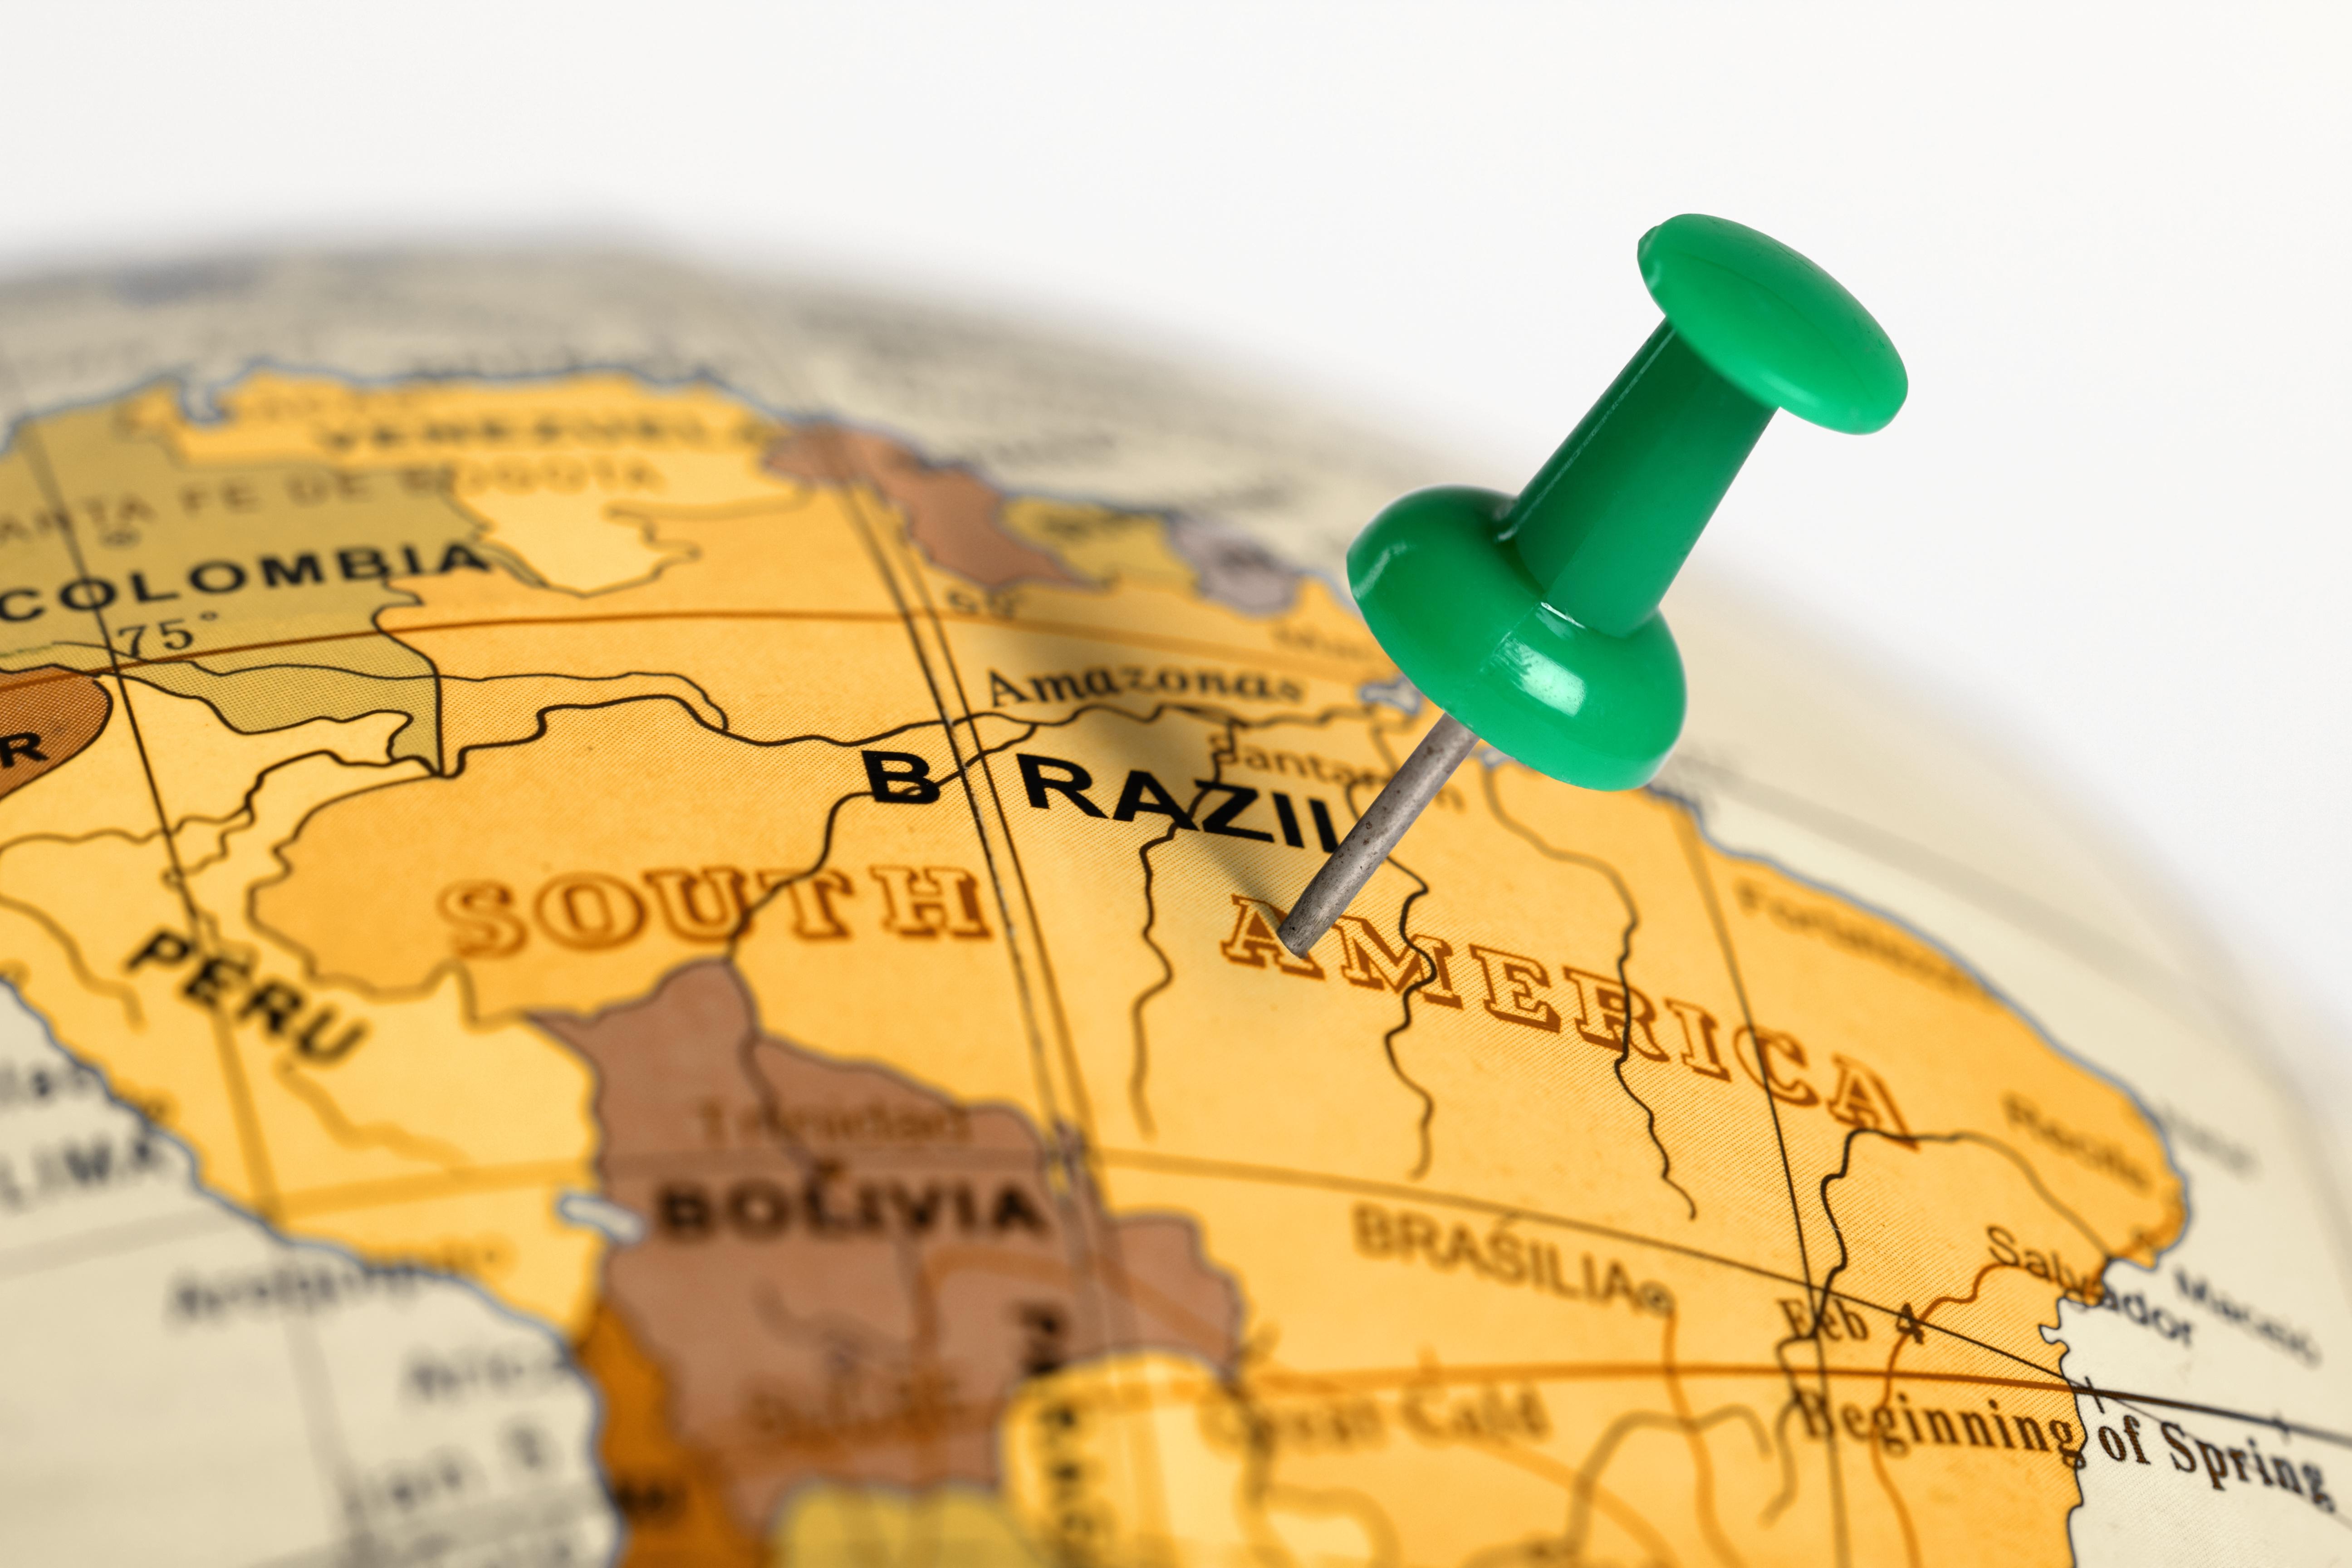 Brazil_adobestock_79751570